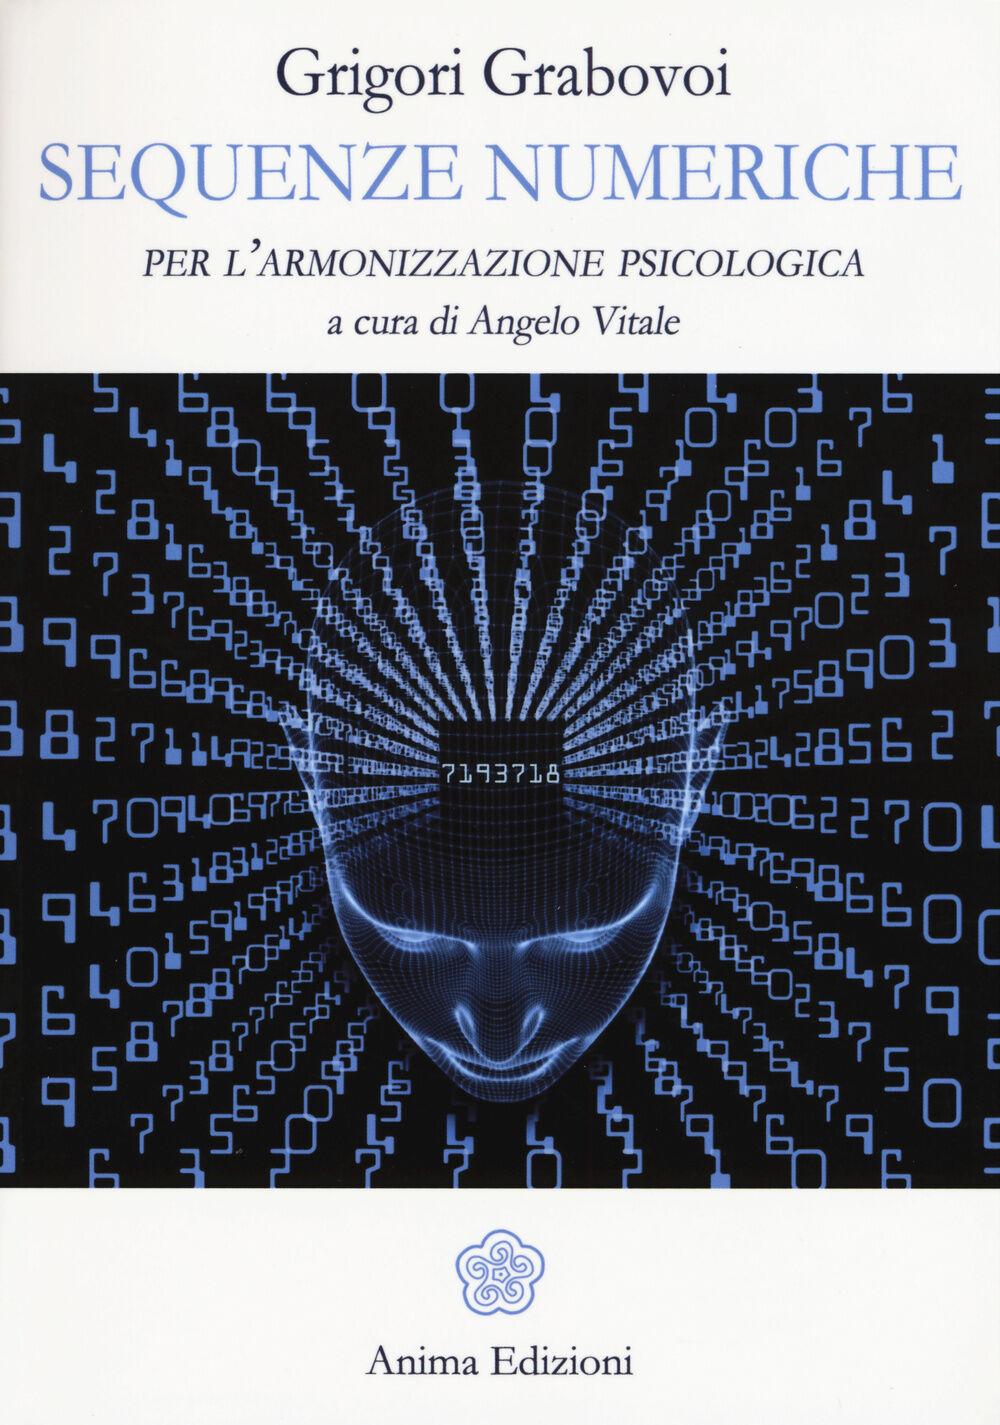 Sequenze numeriche per l'armonizzazione psicologica. Vol. 1